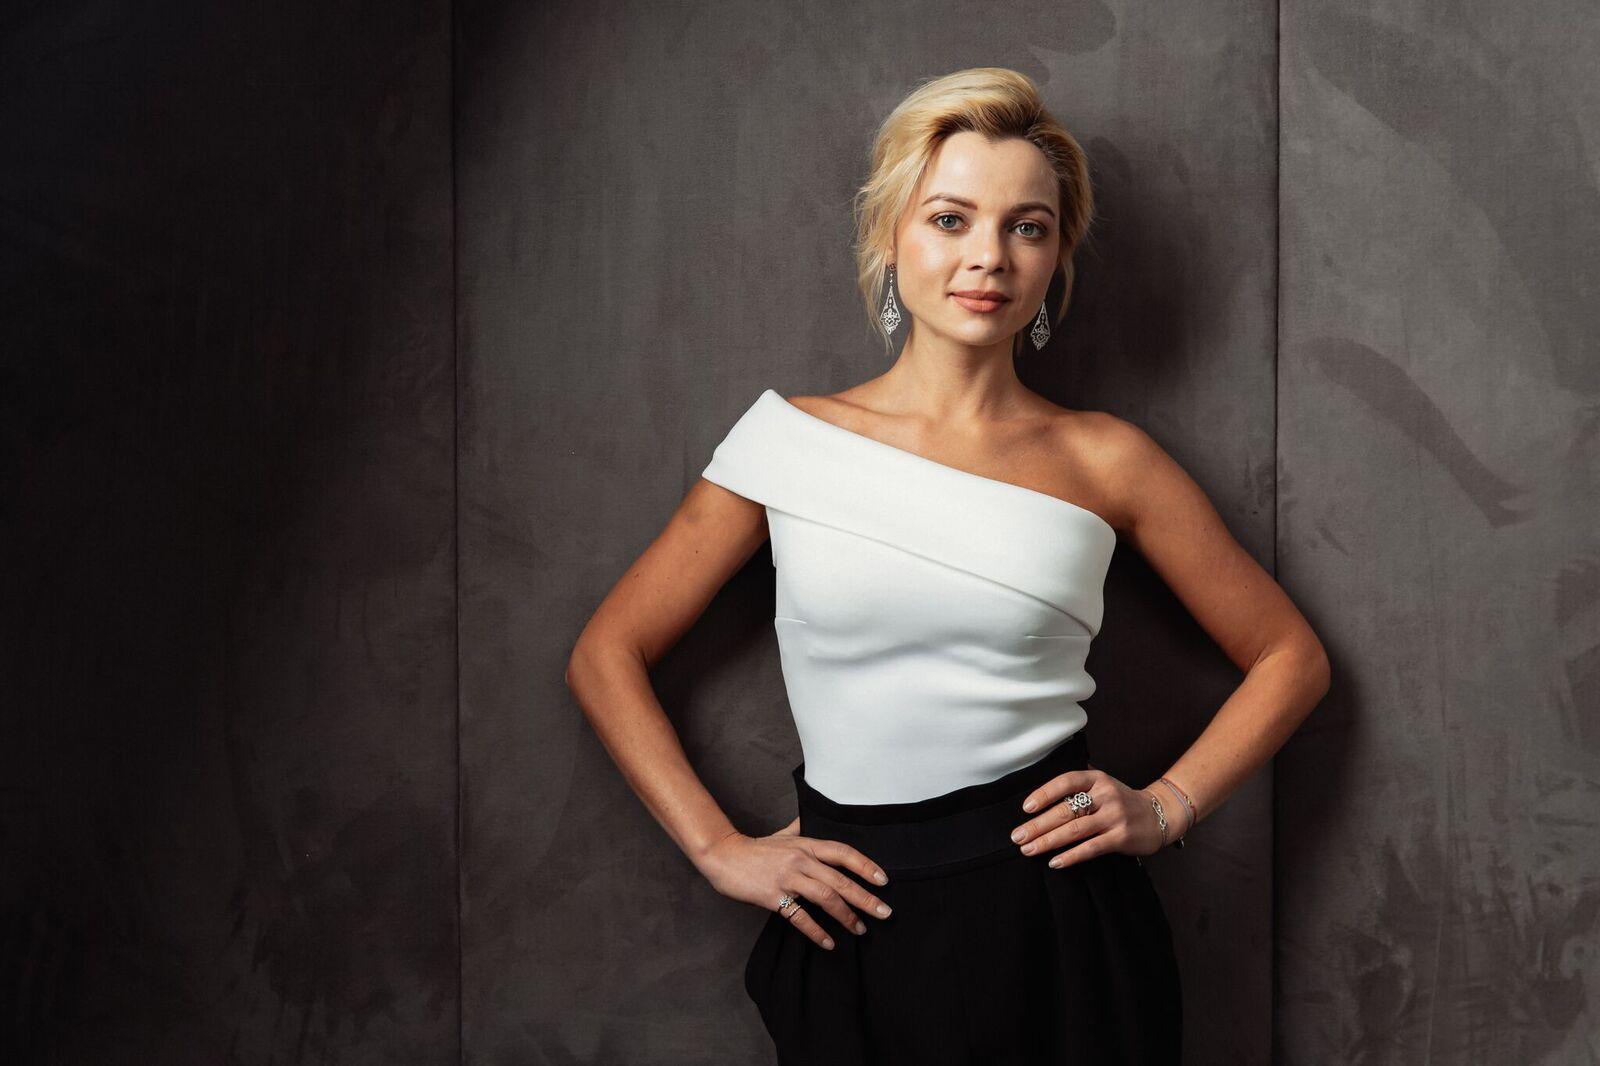 Елена Николаева, ресторатор и телеведущая